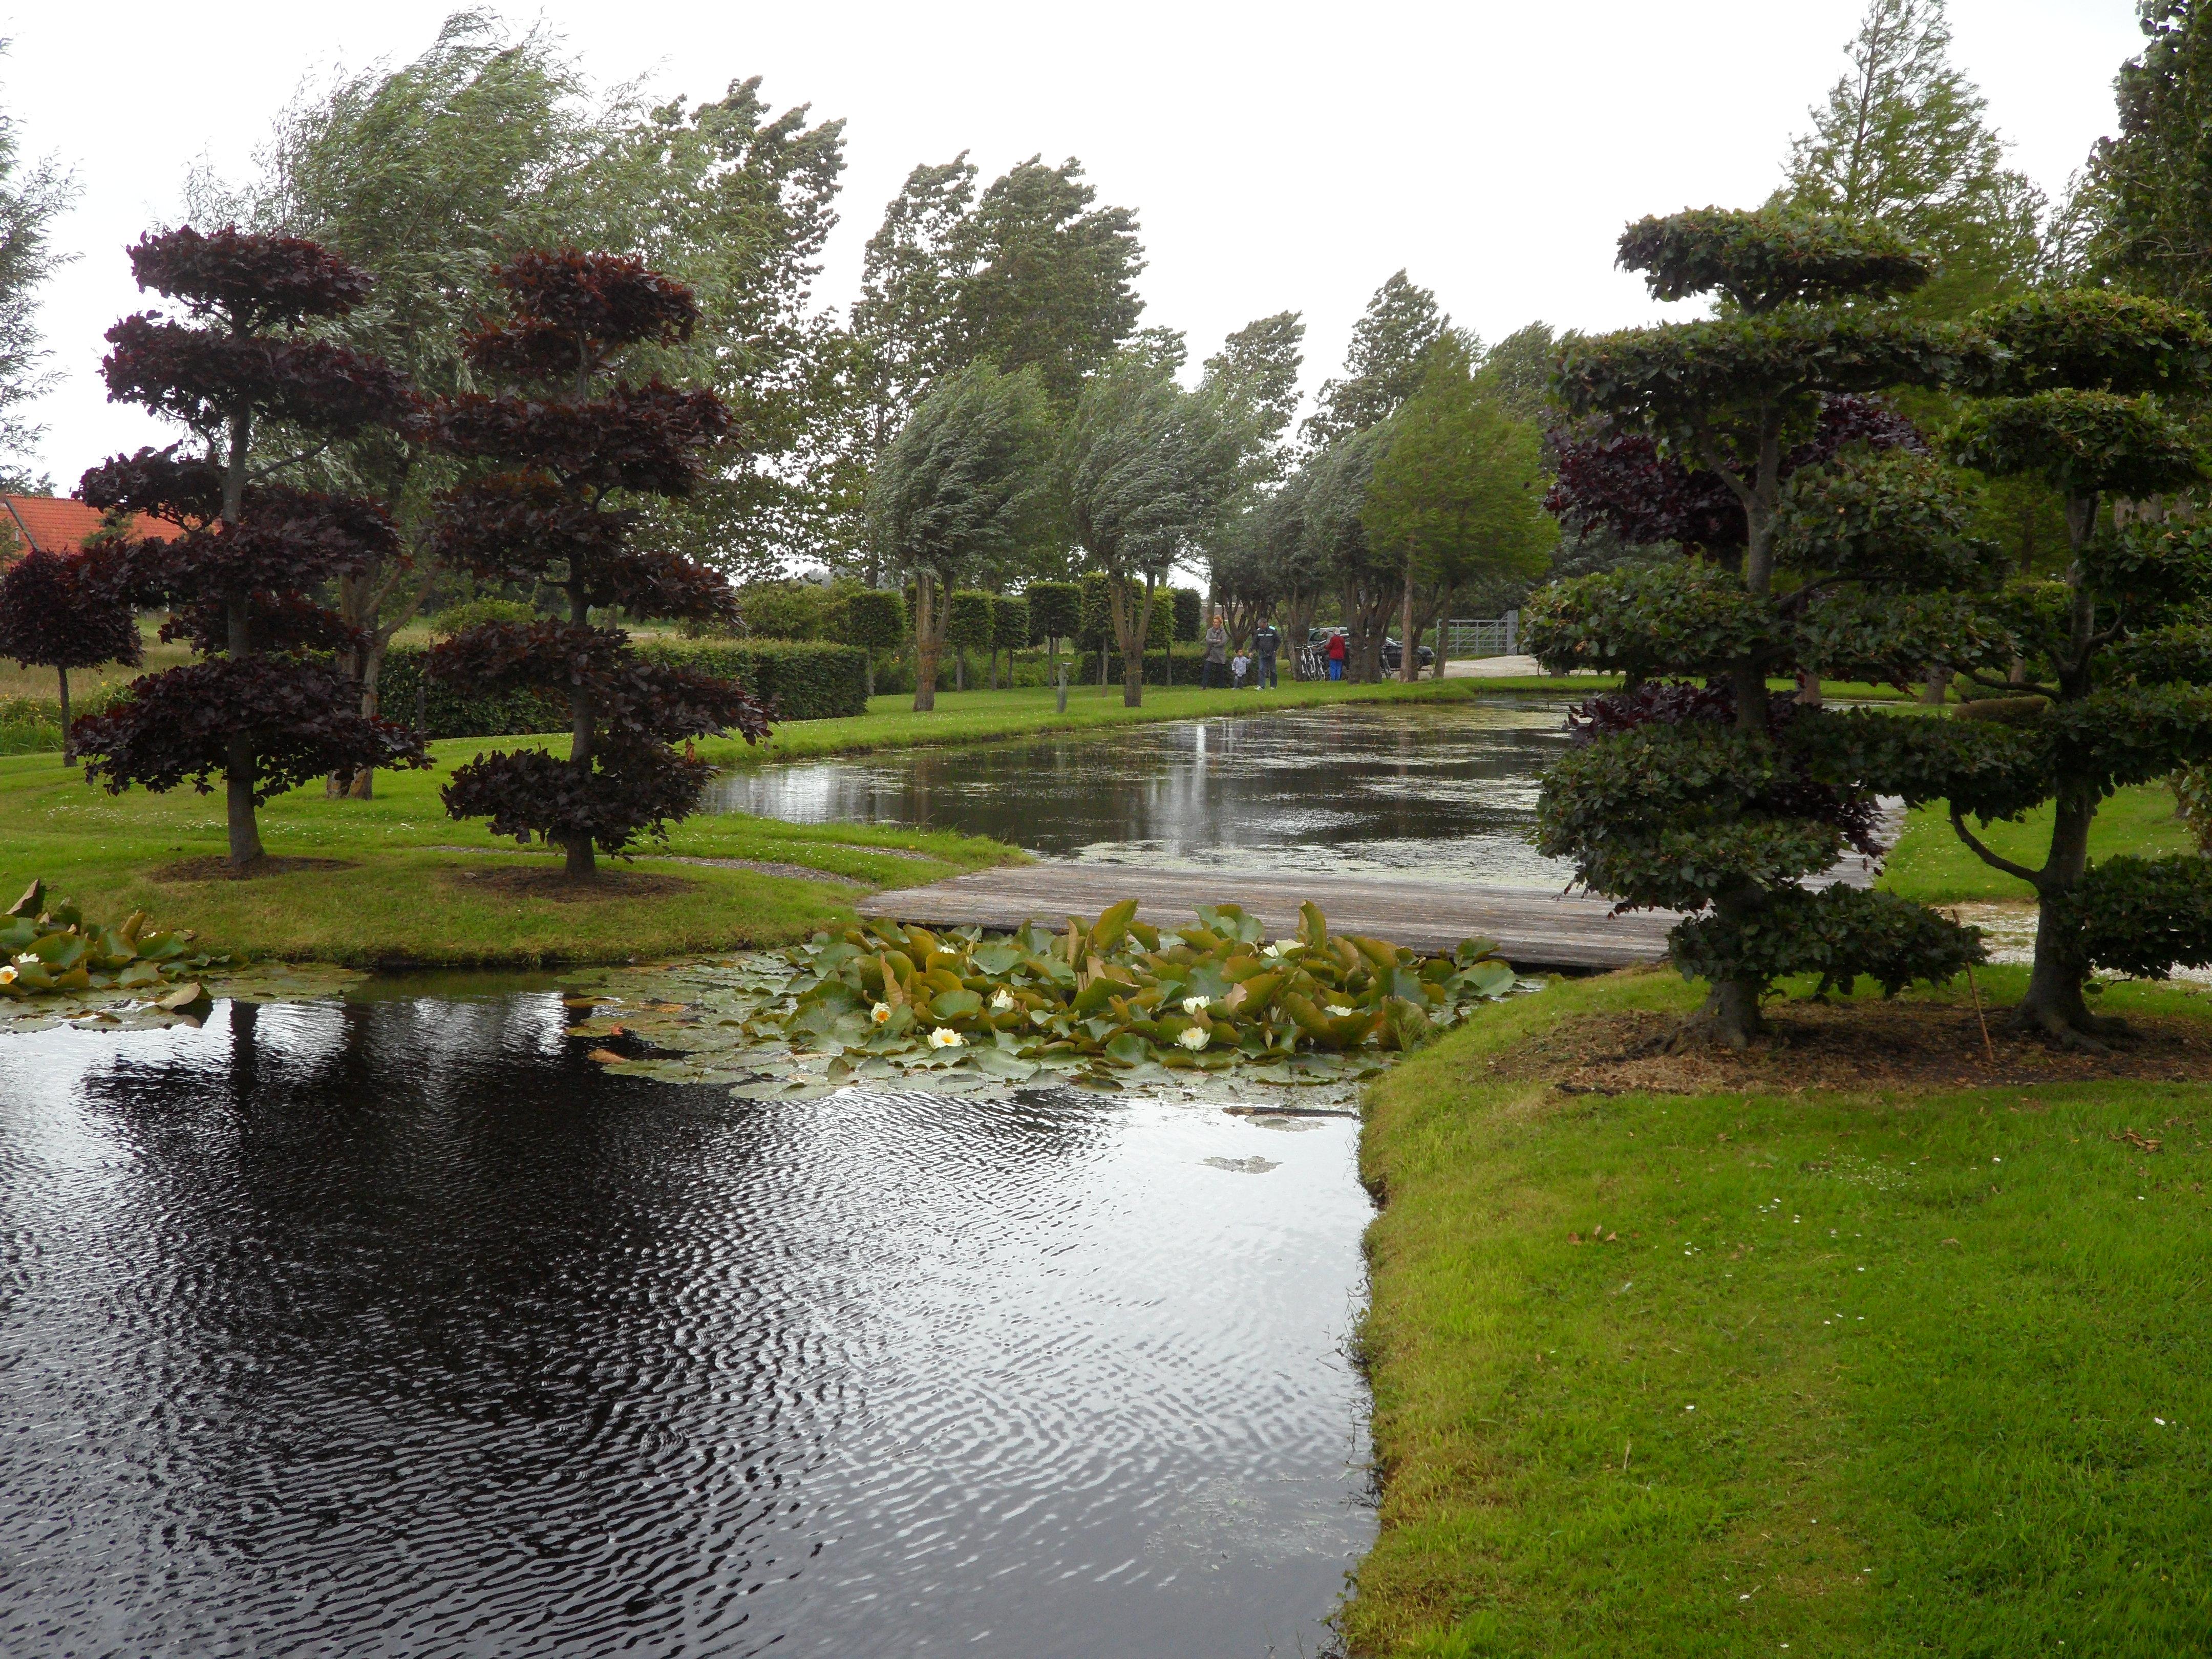 Groene daken en grote vijvers in spannende tuin van koelemeijer in zaanstad - Foto van tuin vijver ...